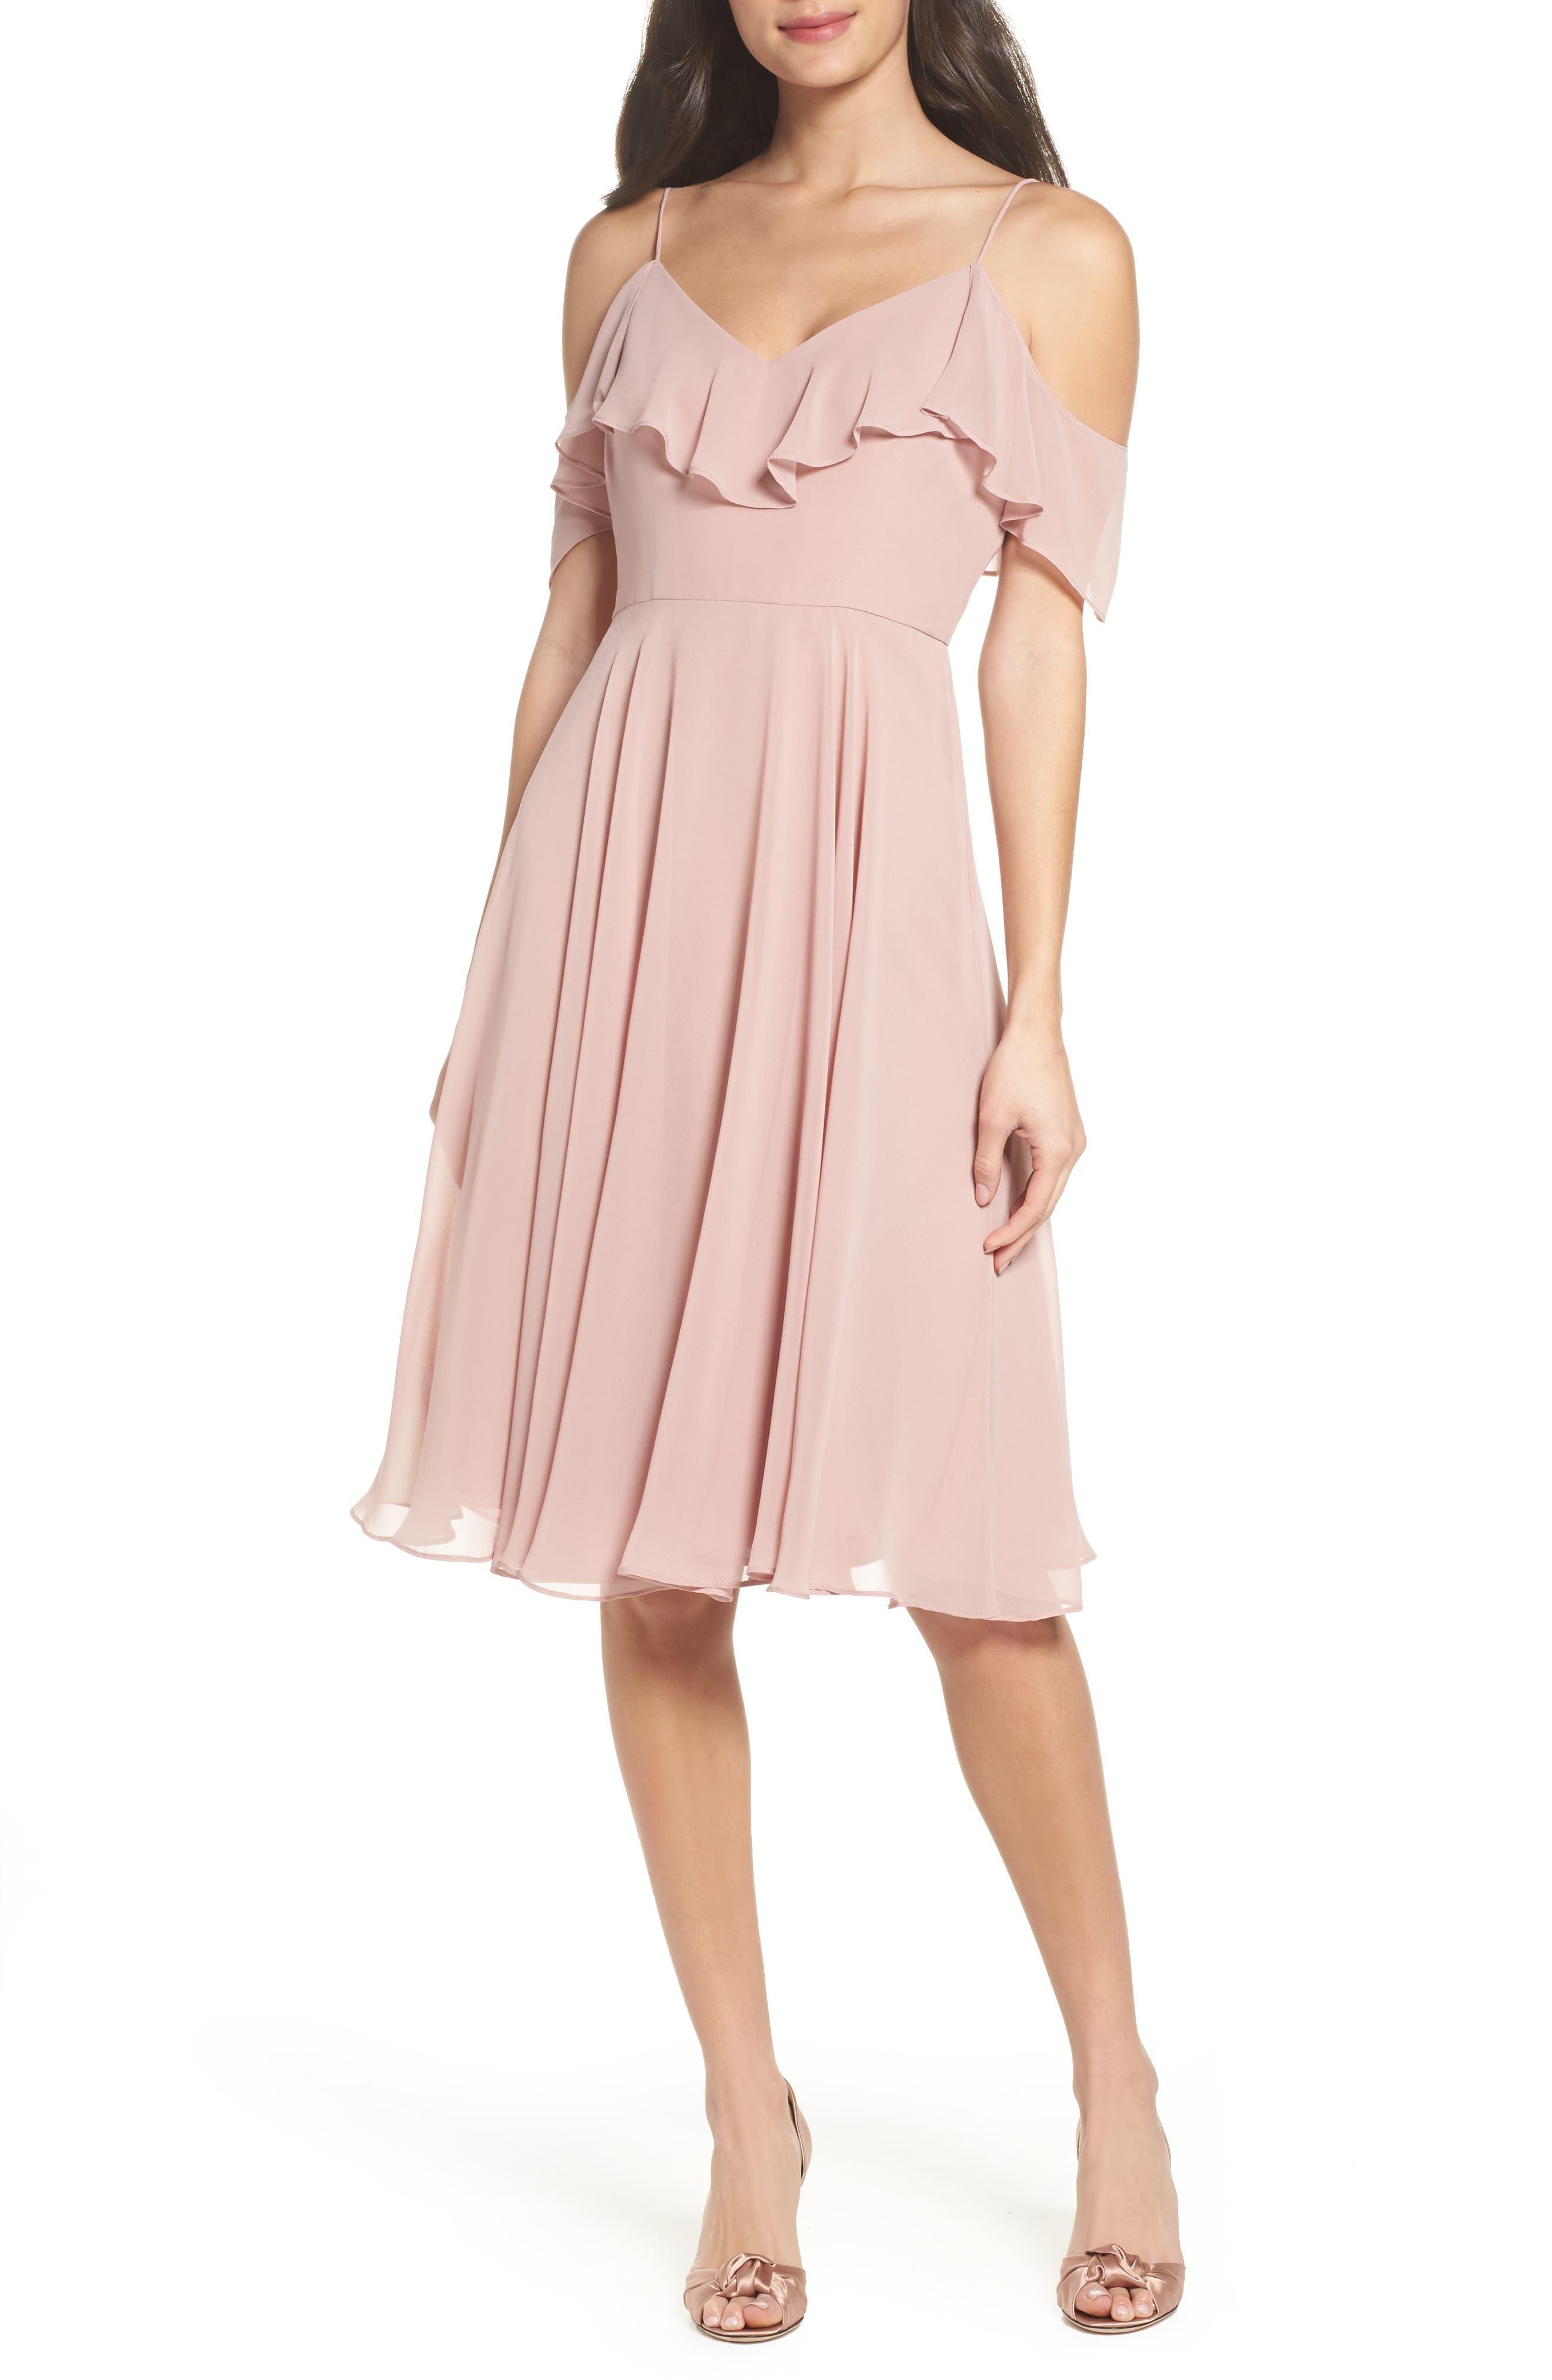 Kelli Cold Shoulder Chiffon Dress,                             Main thumbnail 1, color,                             664